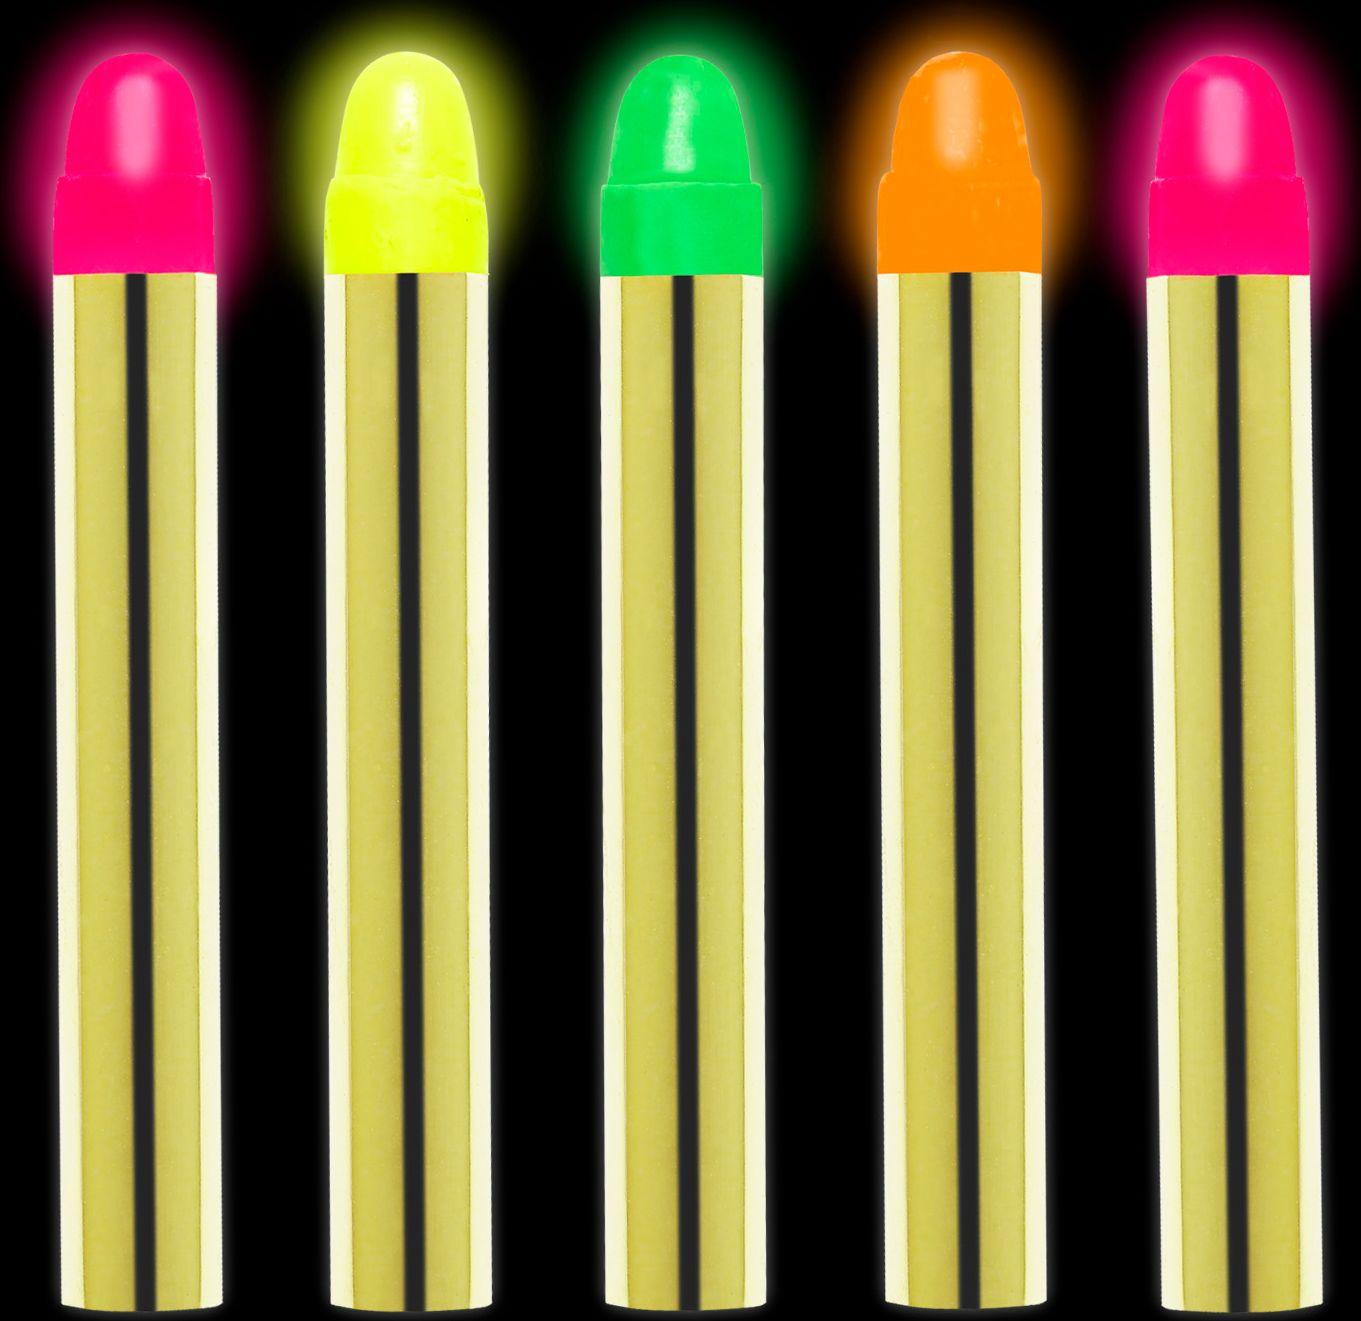 Neon schminkstiften